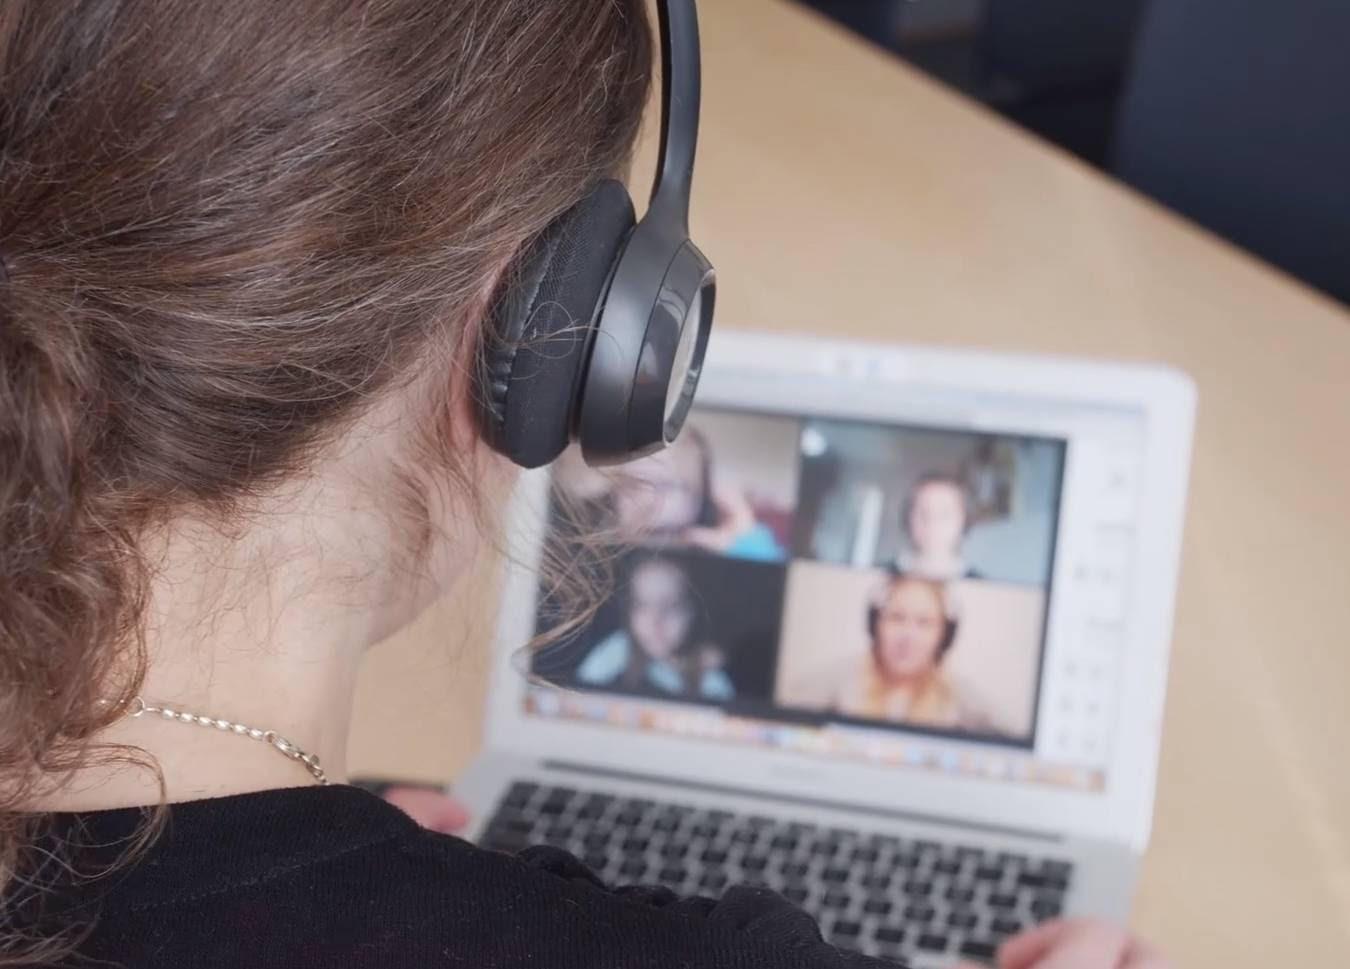 Olan yli napattu valokuva nettioppitunnille osallistuvasta henkilöstä. Kannettavan näytöllä 4 osallistujaa.